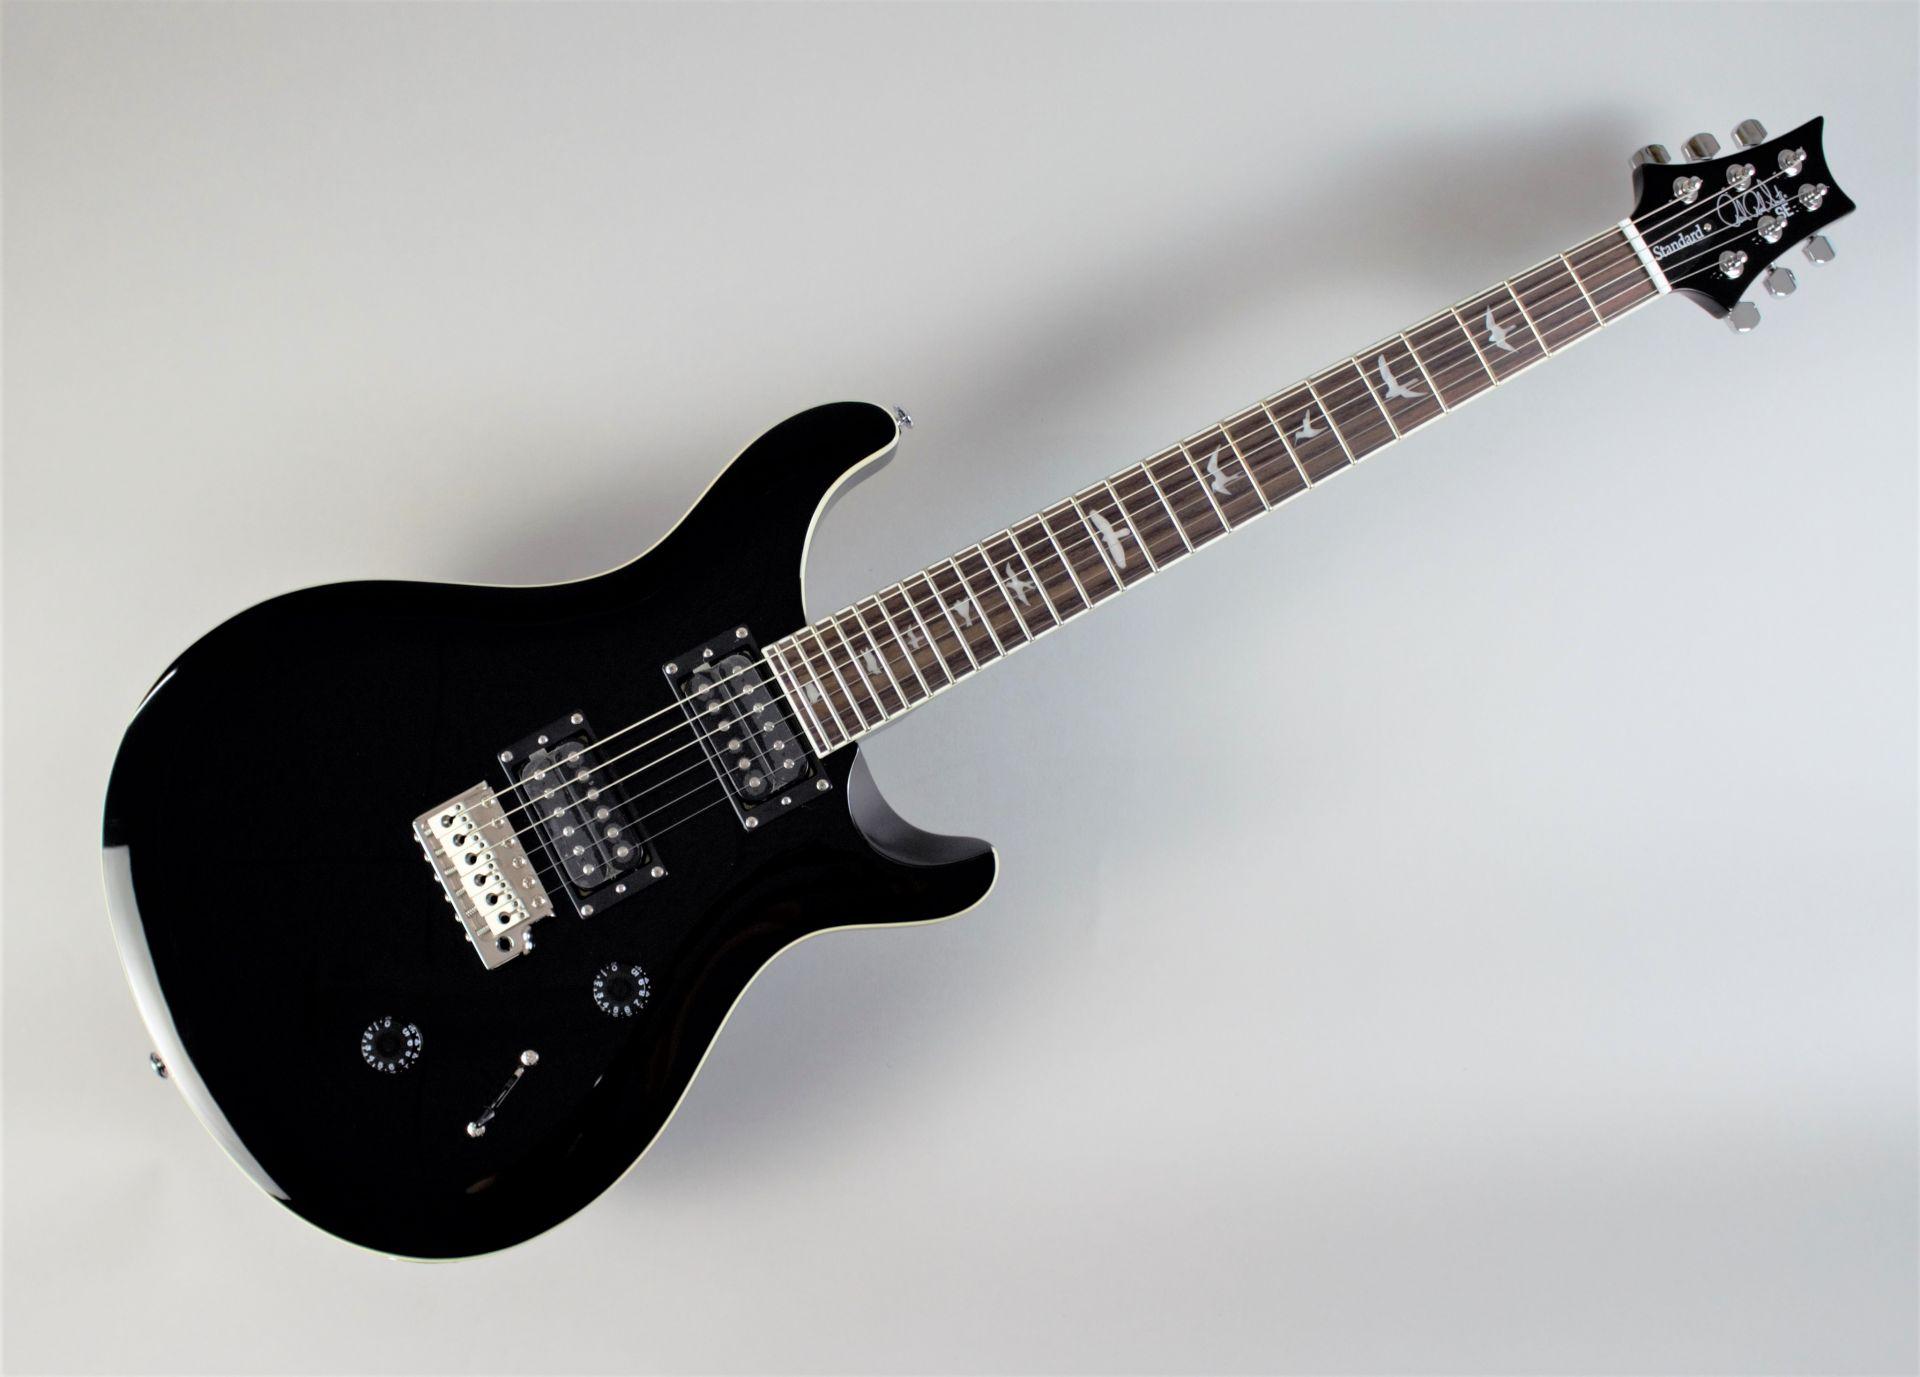 世界初PRS SE Standard 24のディーラーオリジナルモデルが島村楽器限定発売!